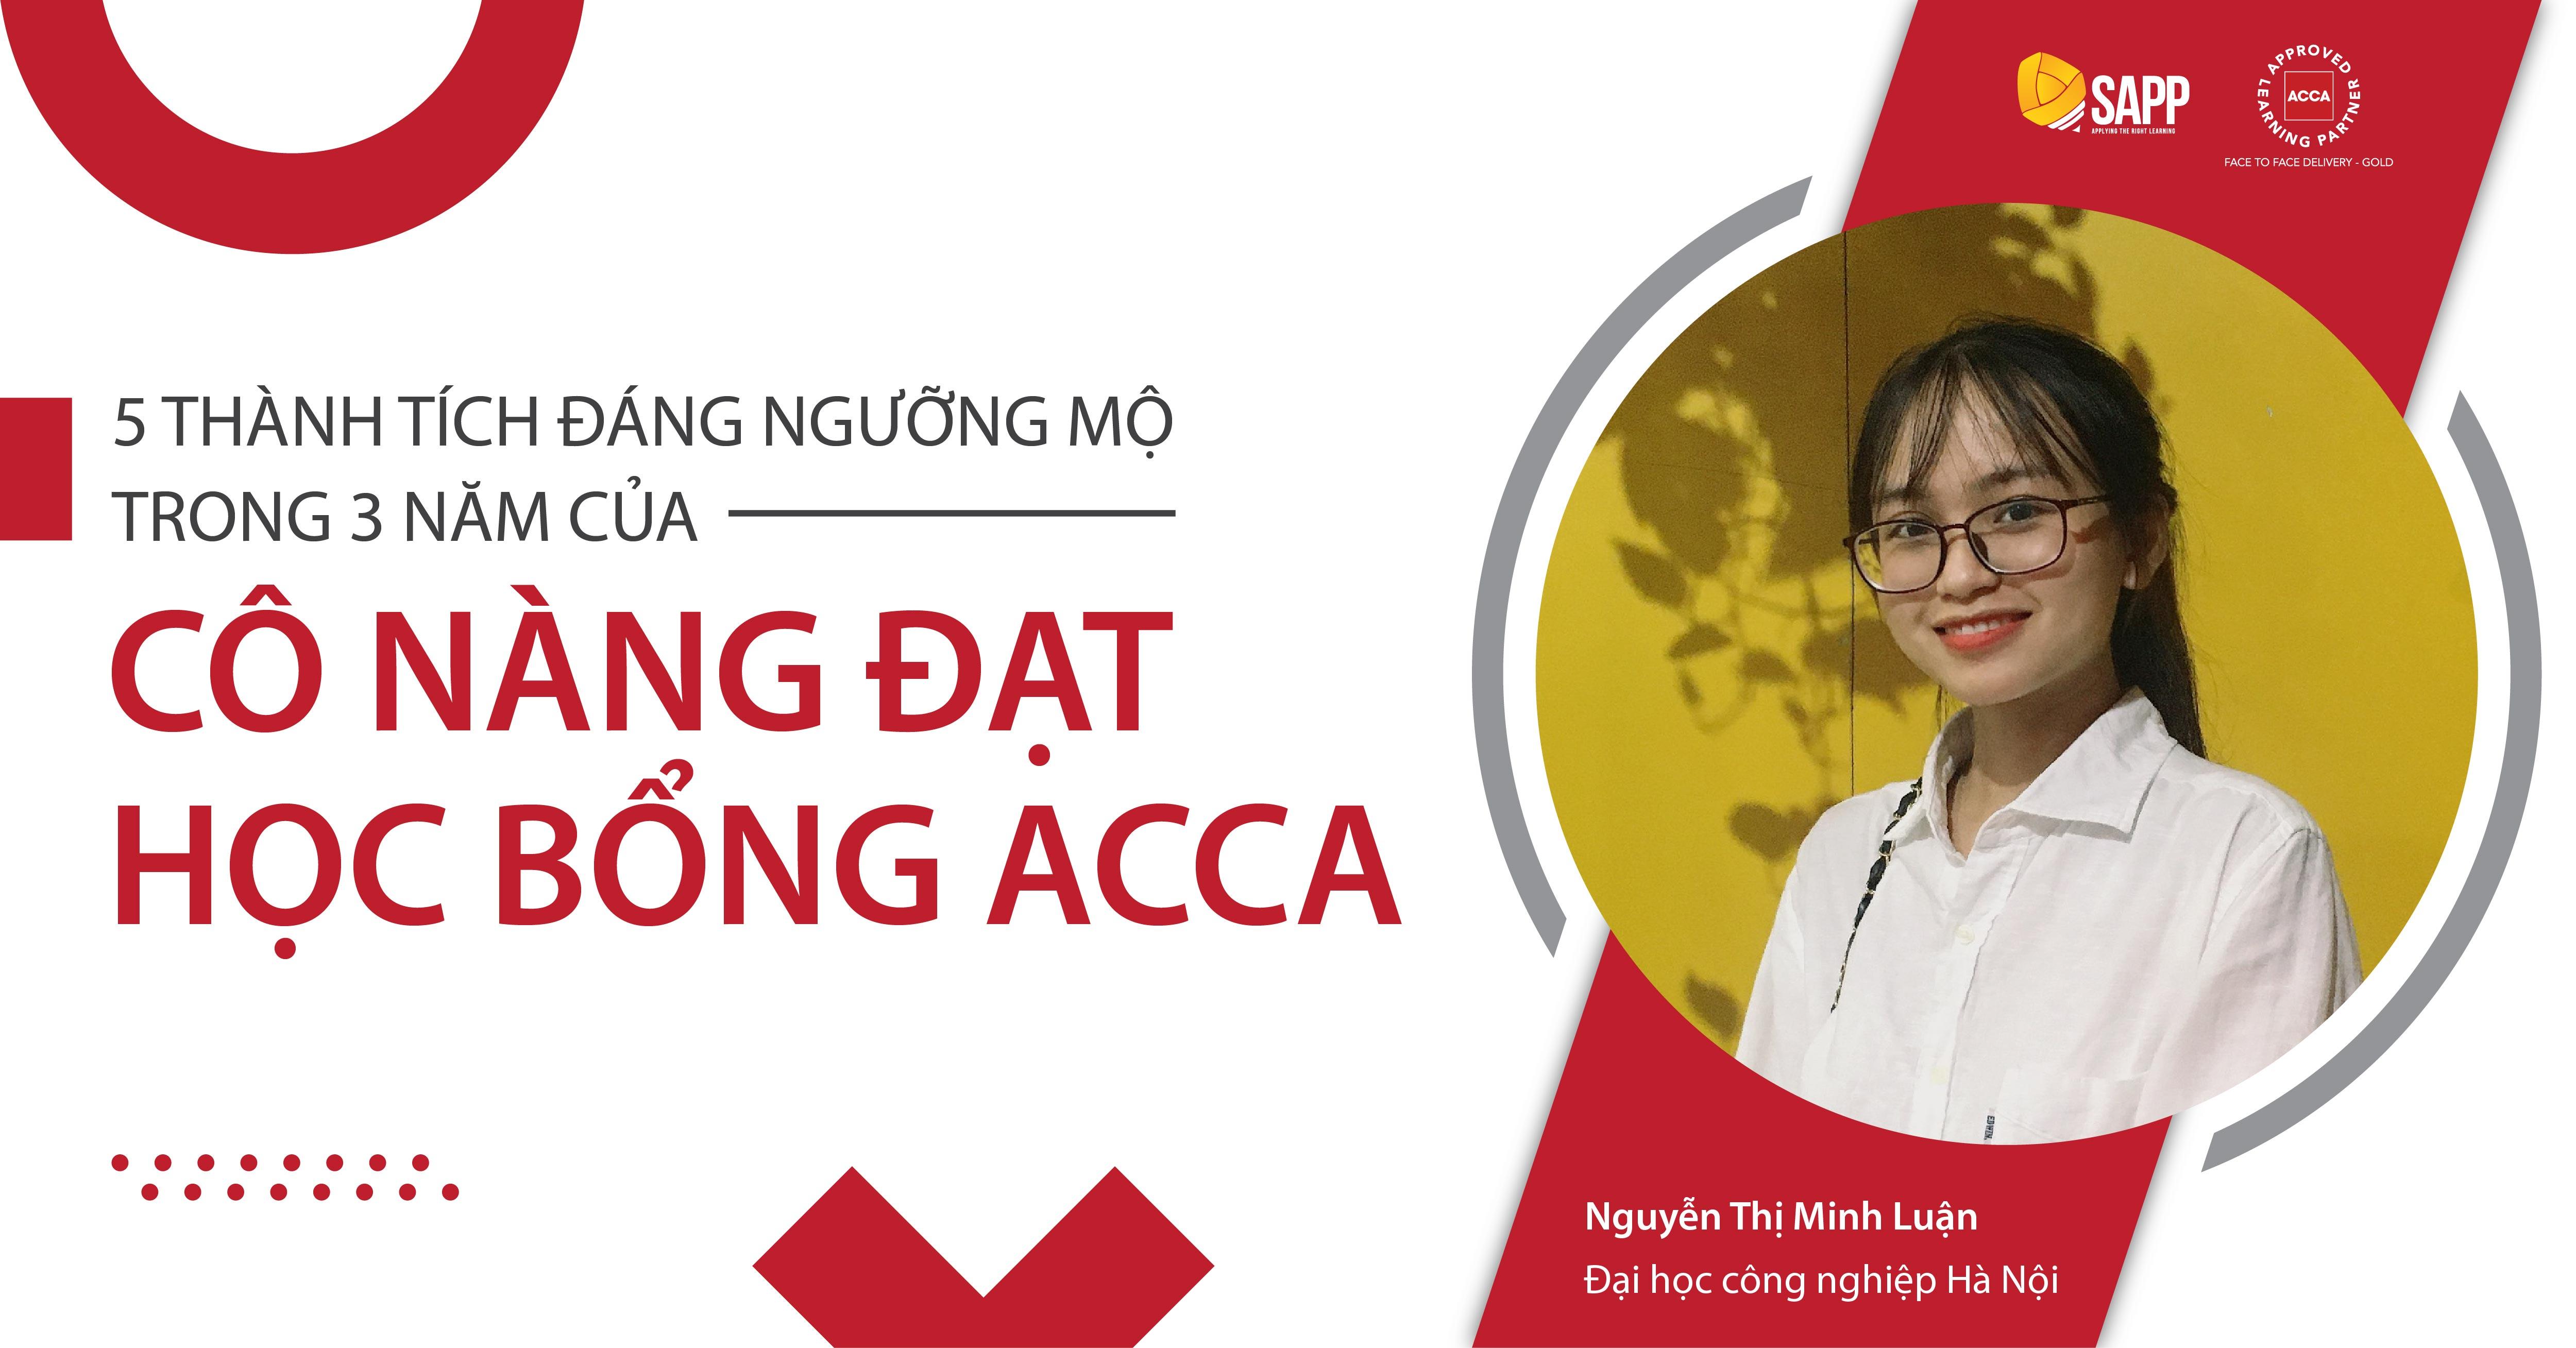 5 thành tích đáng ngưỡng mộ trong 3 năm của Minh Luận - cô nàng đạt học bổng ACCA 100%